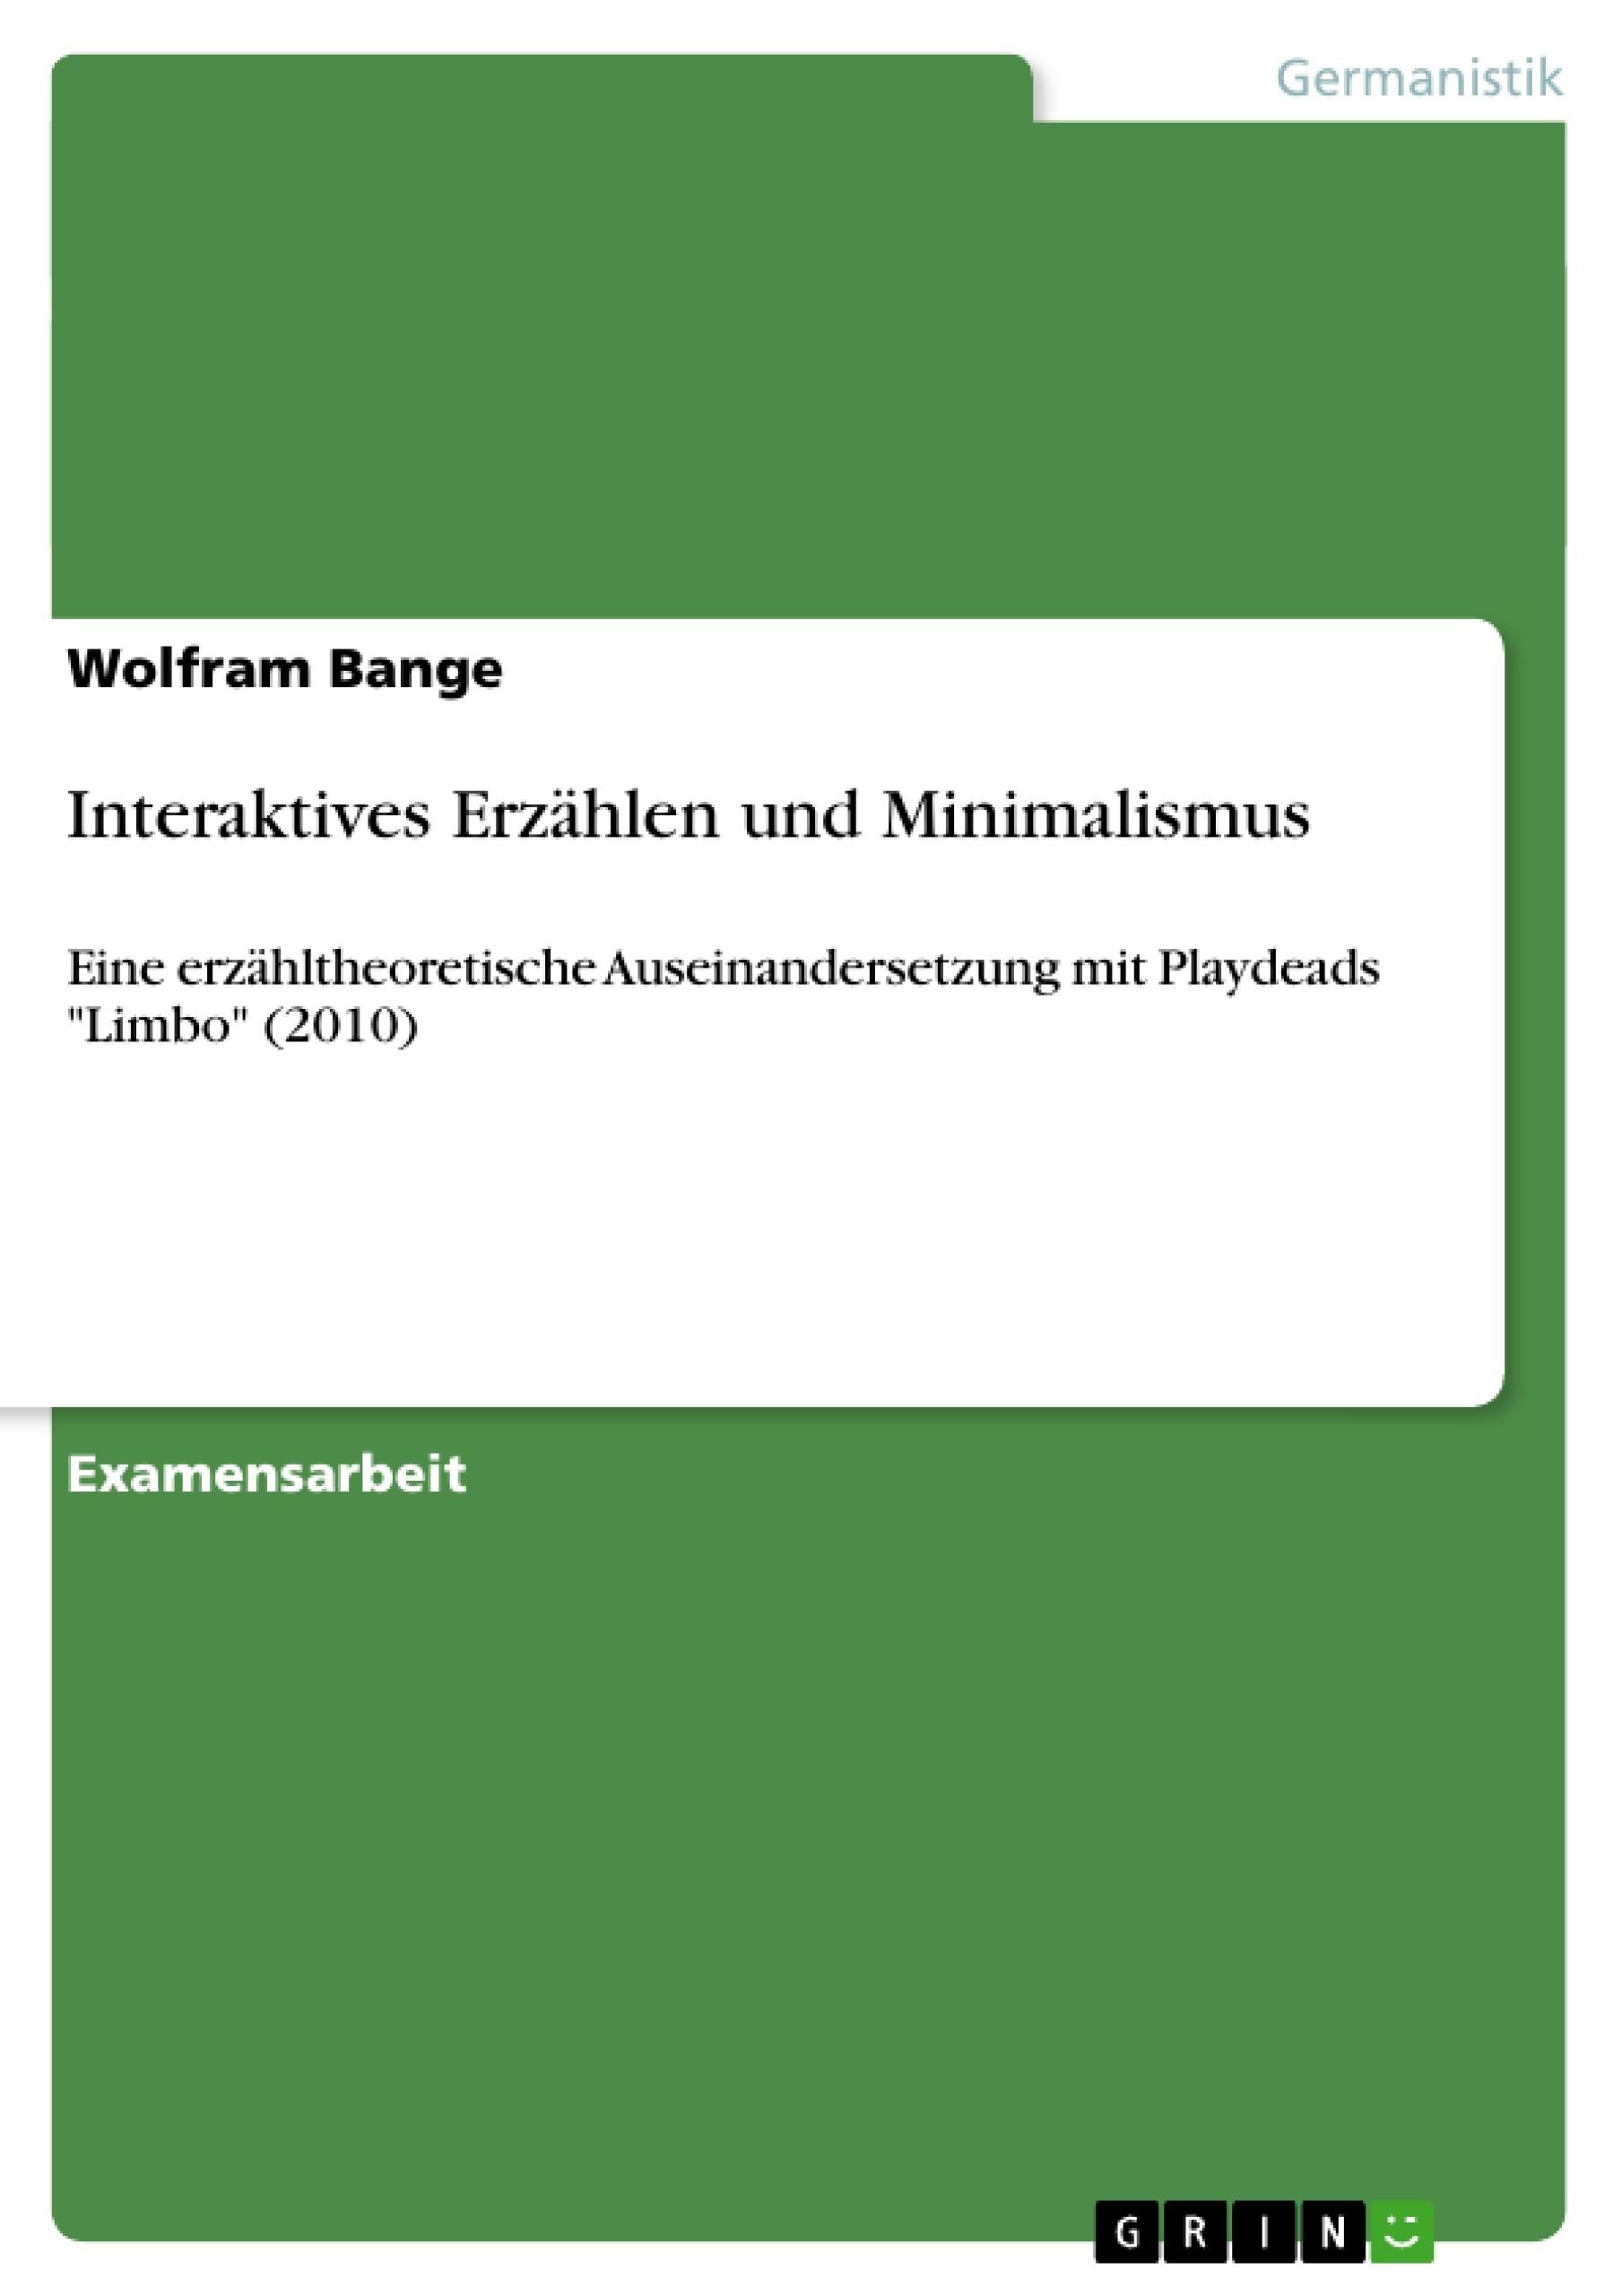 Titel: Interaktives Erzählen und Minimalismus